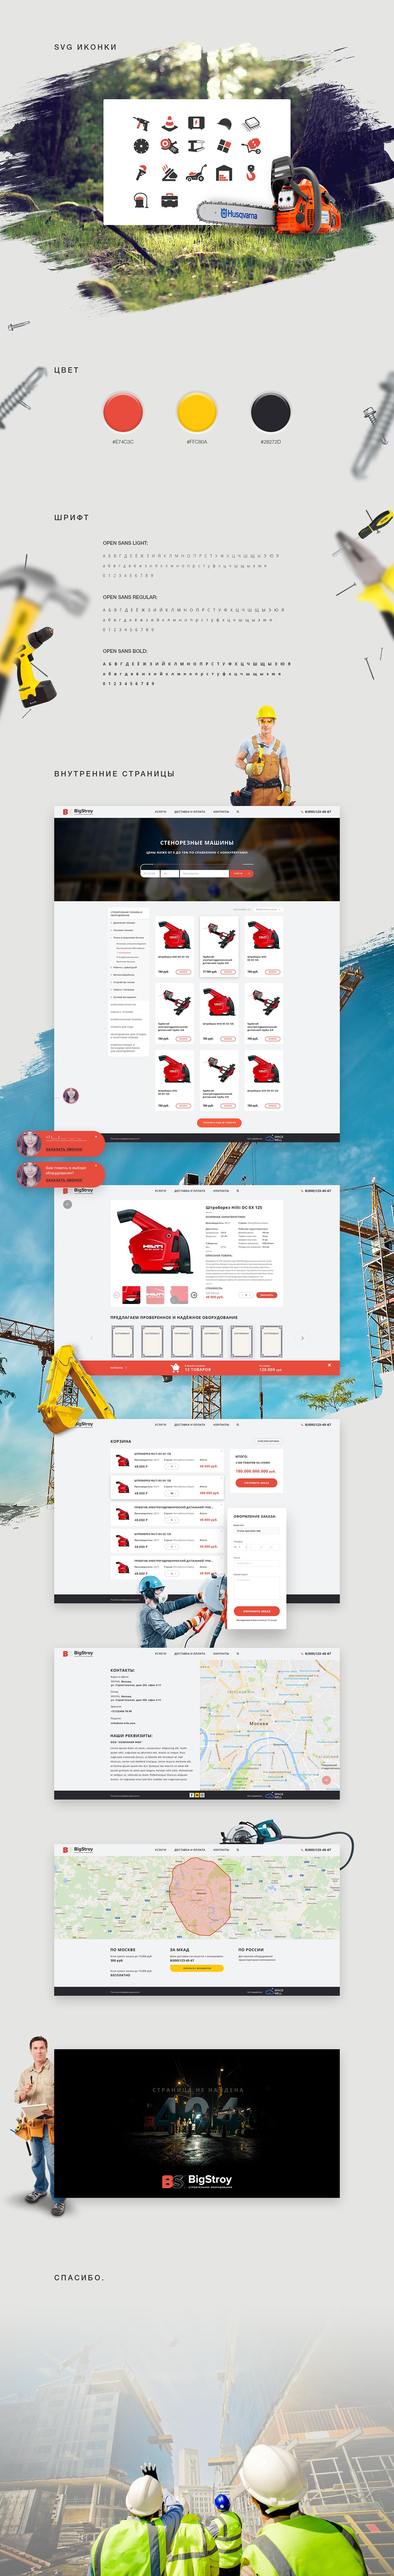 строительство,оборудование,интернет-магазин,инструменты,building,construction equipment,tools,shop